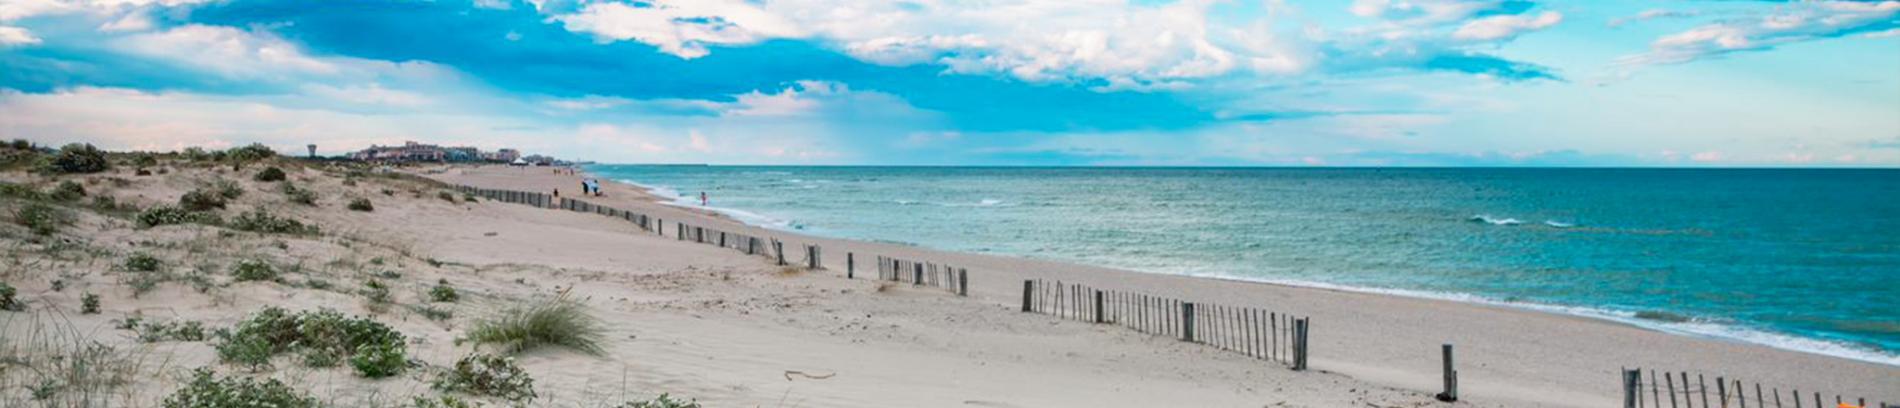 Slide les plages sauvages